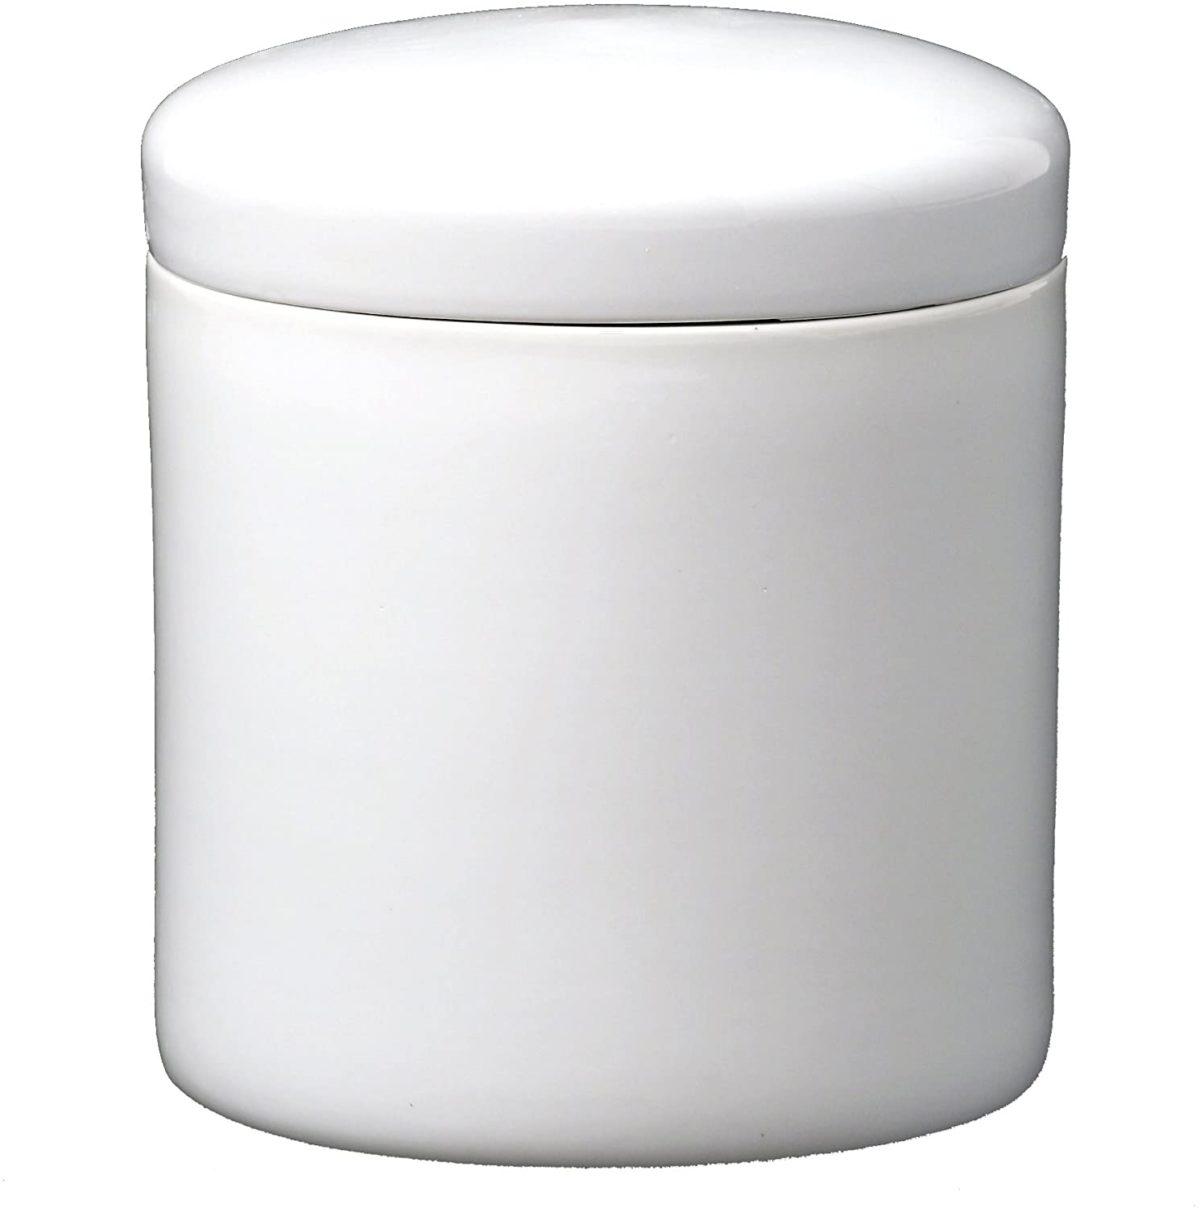 白切立 シンプルな白い骨壷(骨壺) 2.3寸